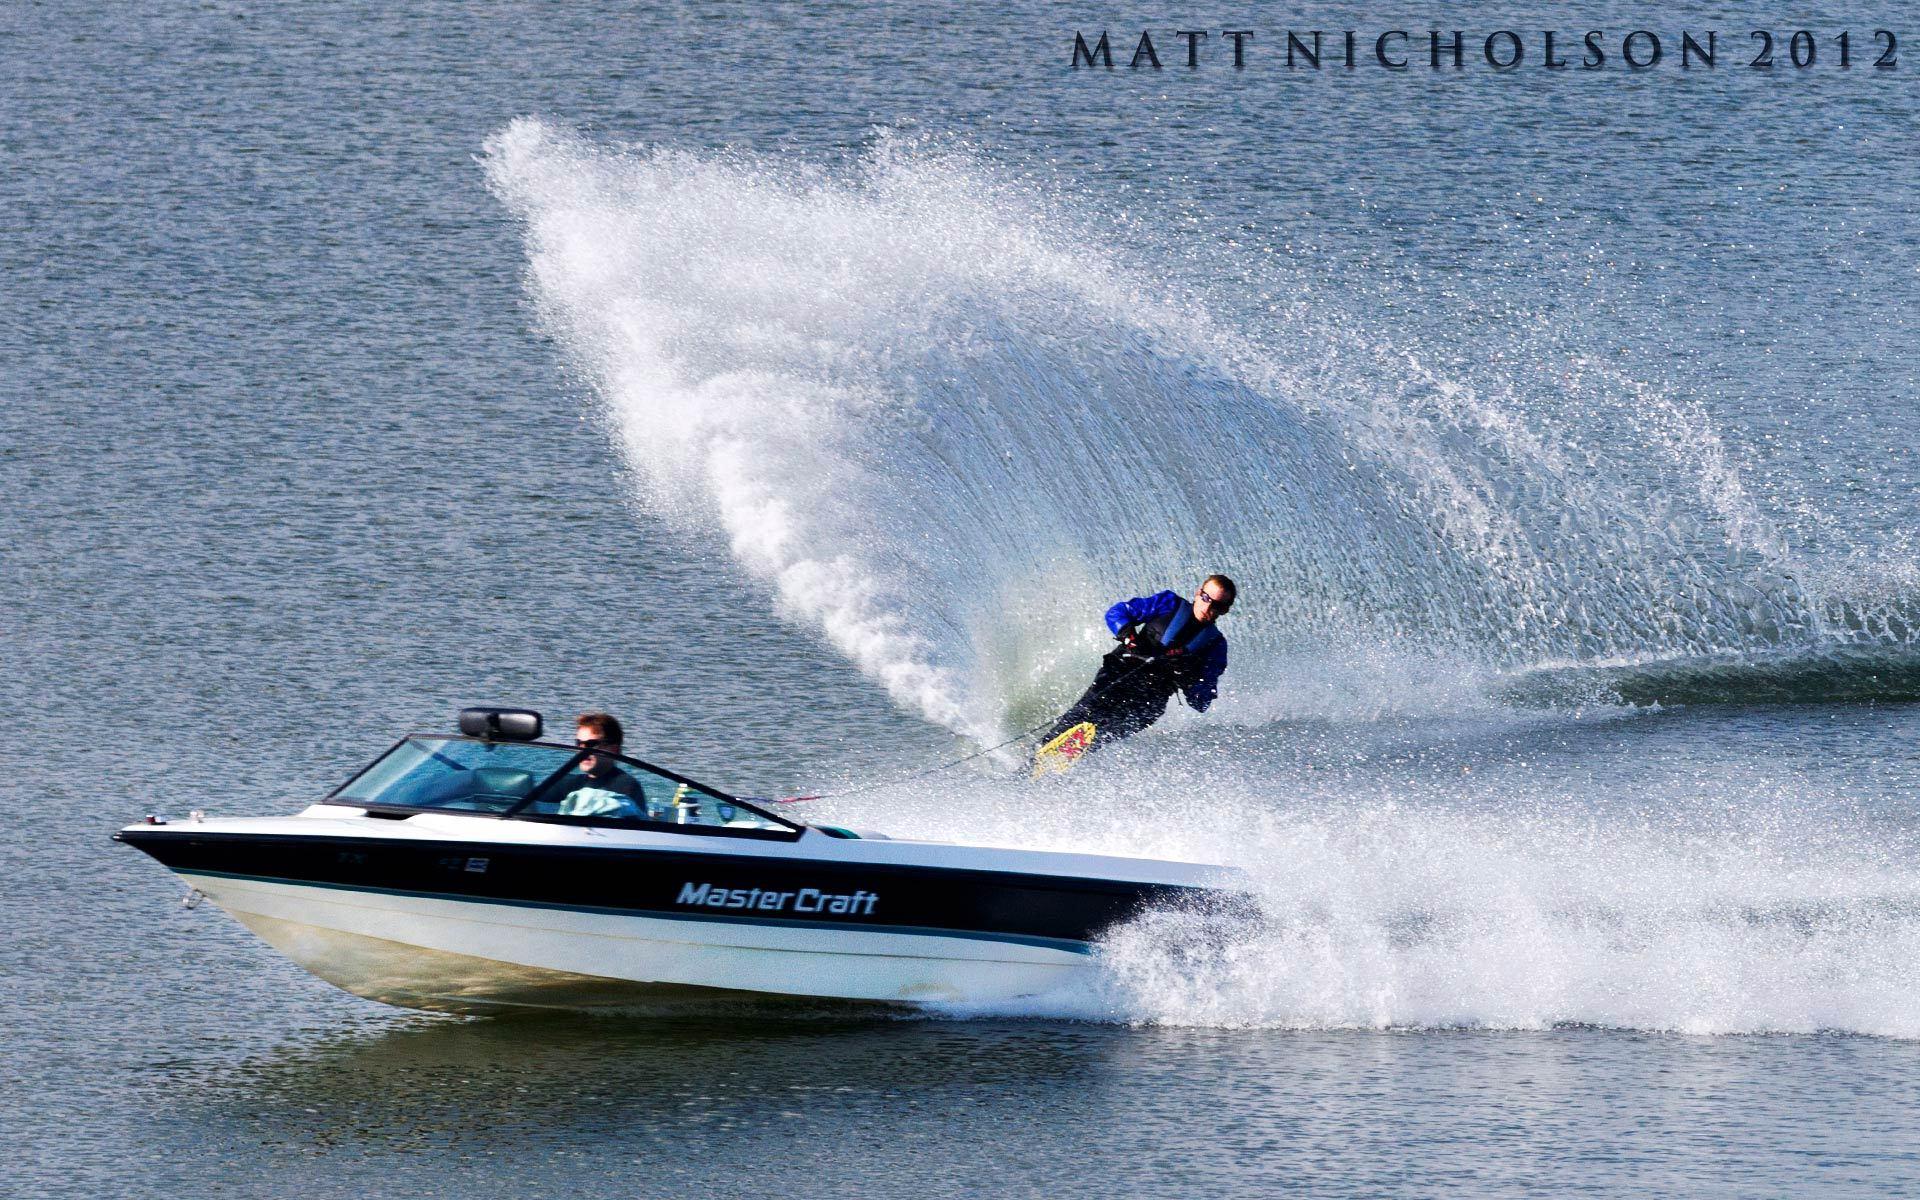 Water Skiing Matt Nicholson Photography